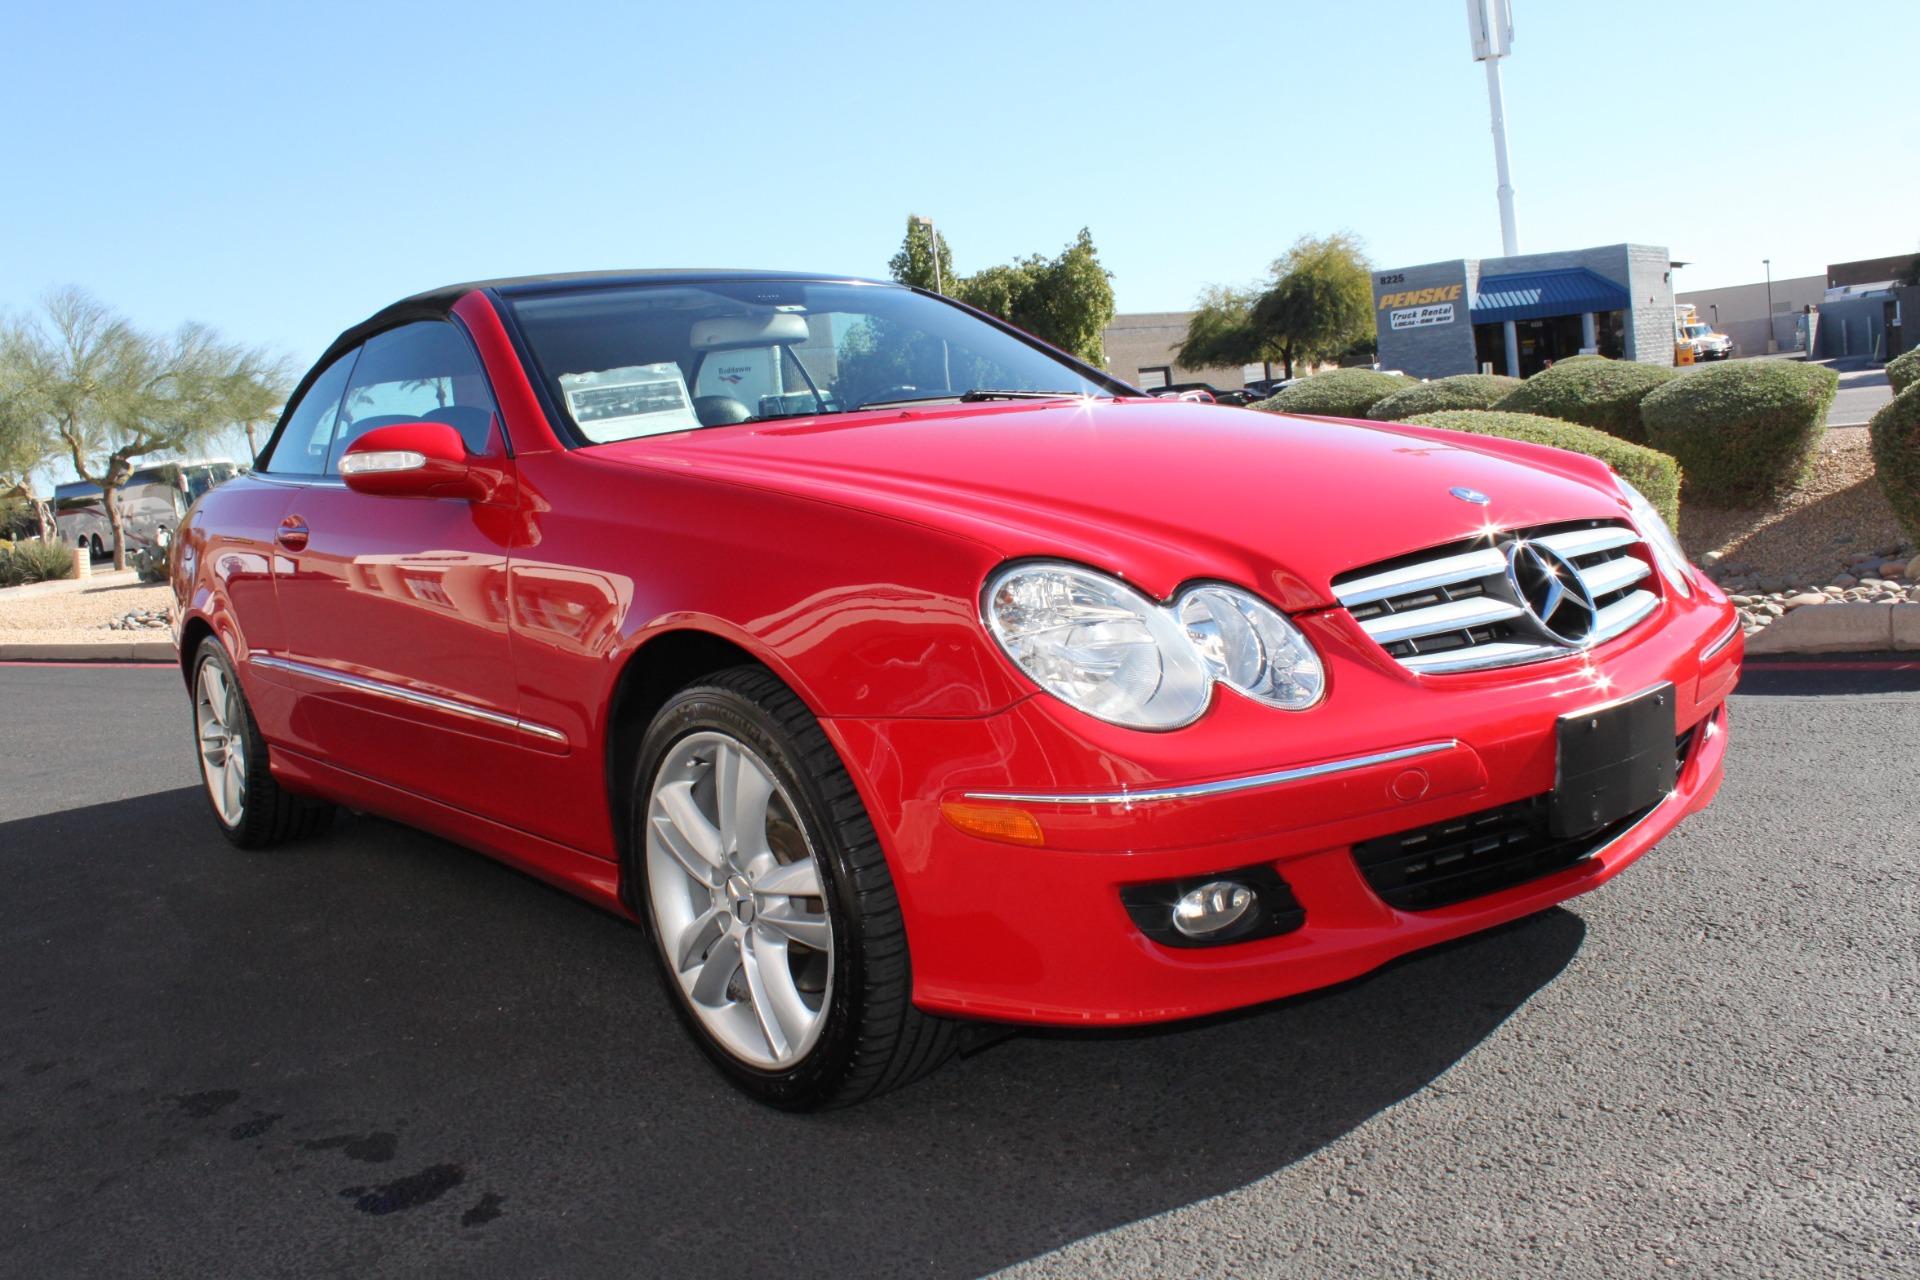 Used-2006-Mercedes-Benz-CLK-Class-Convertible-35L-LS430